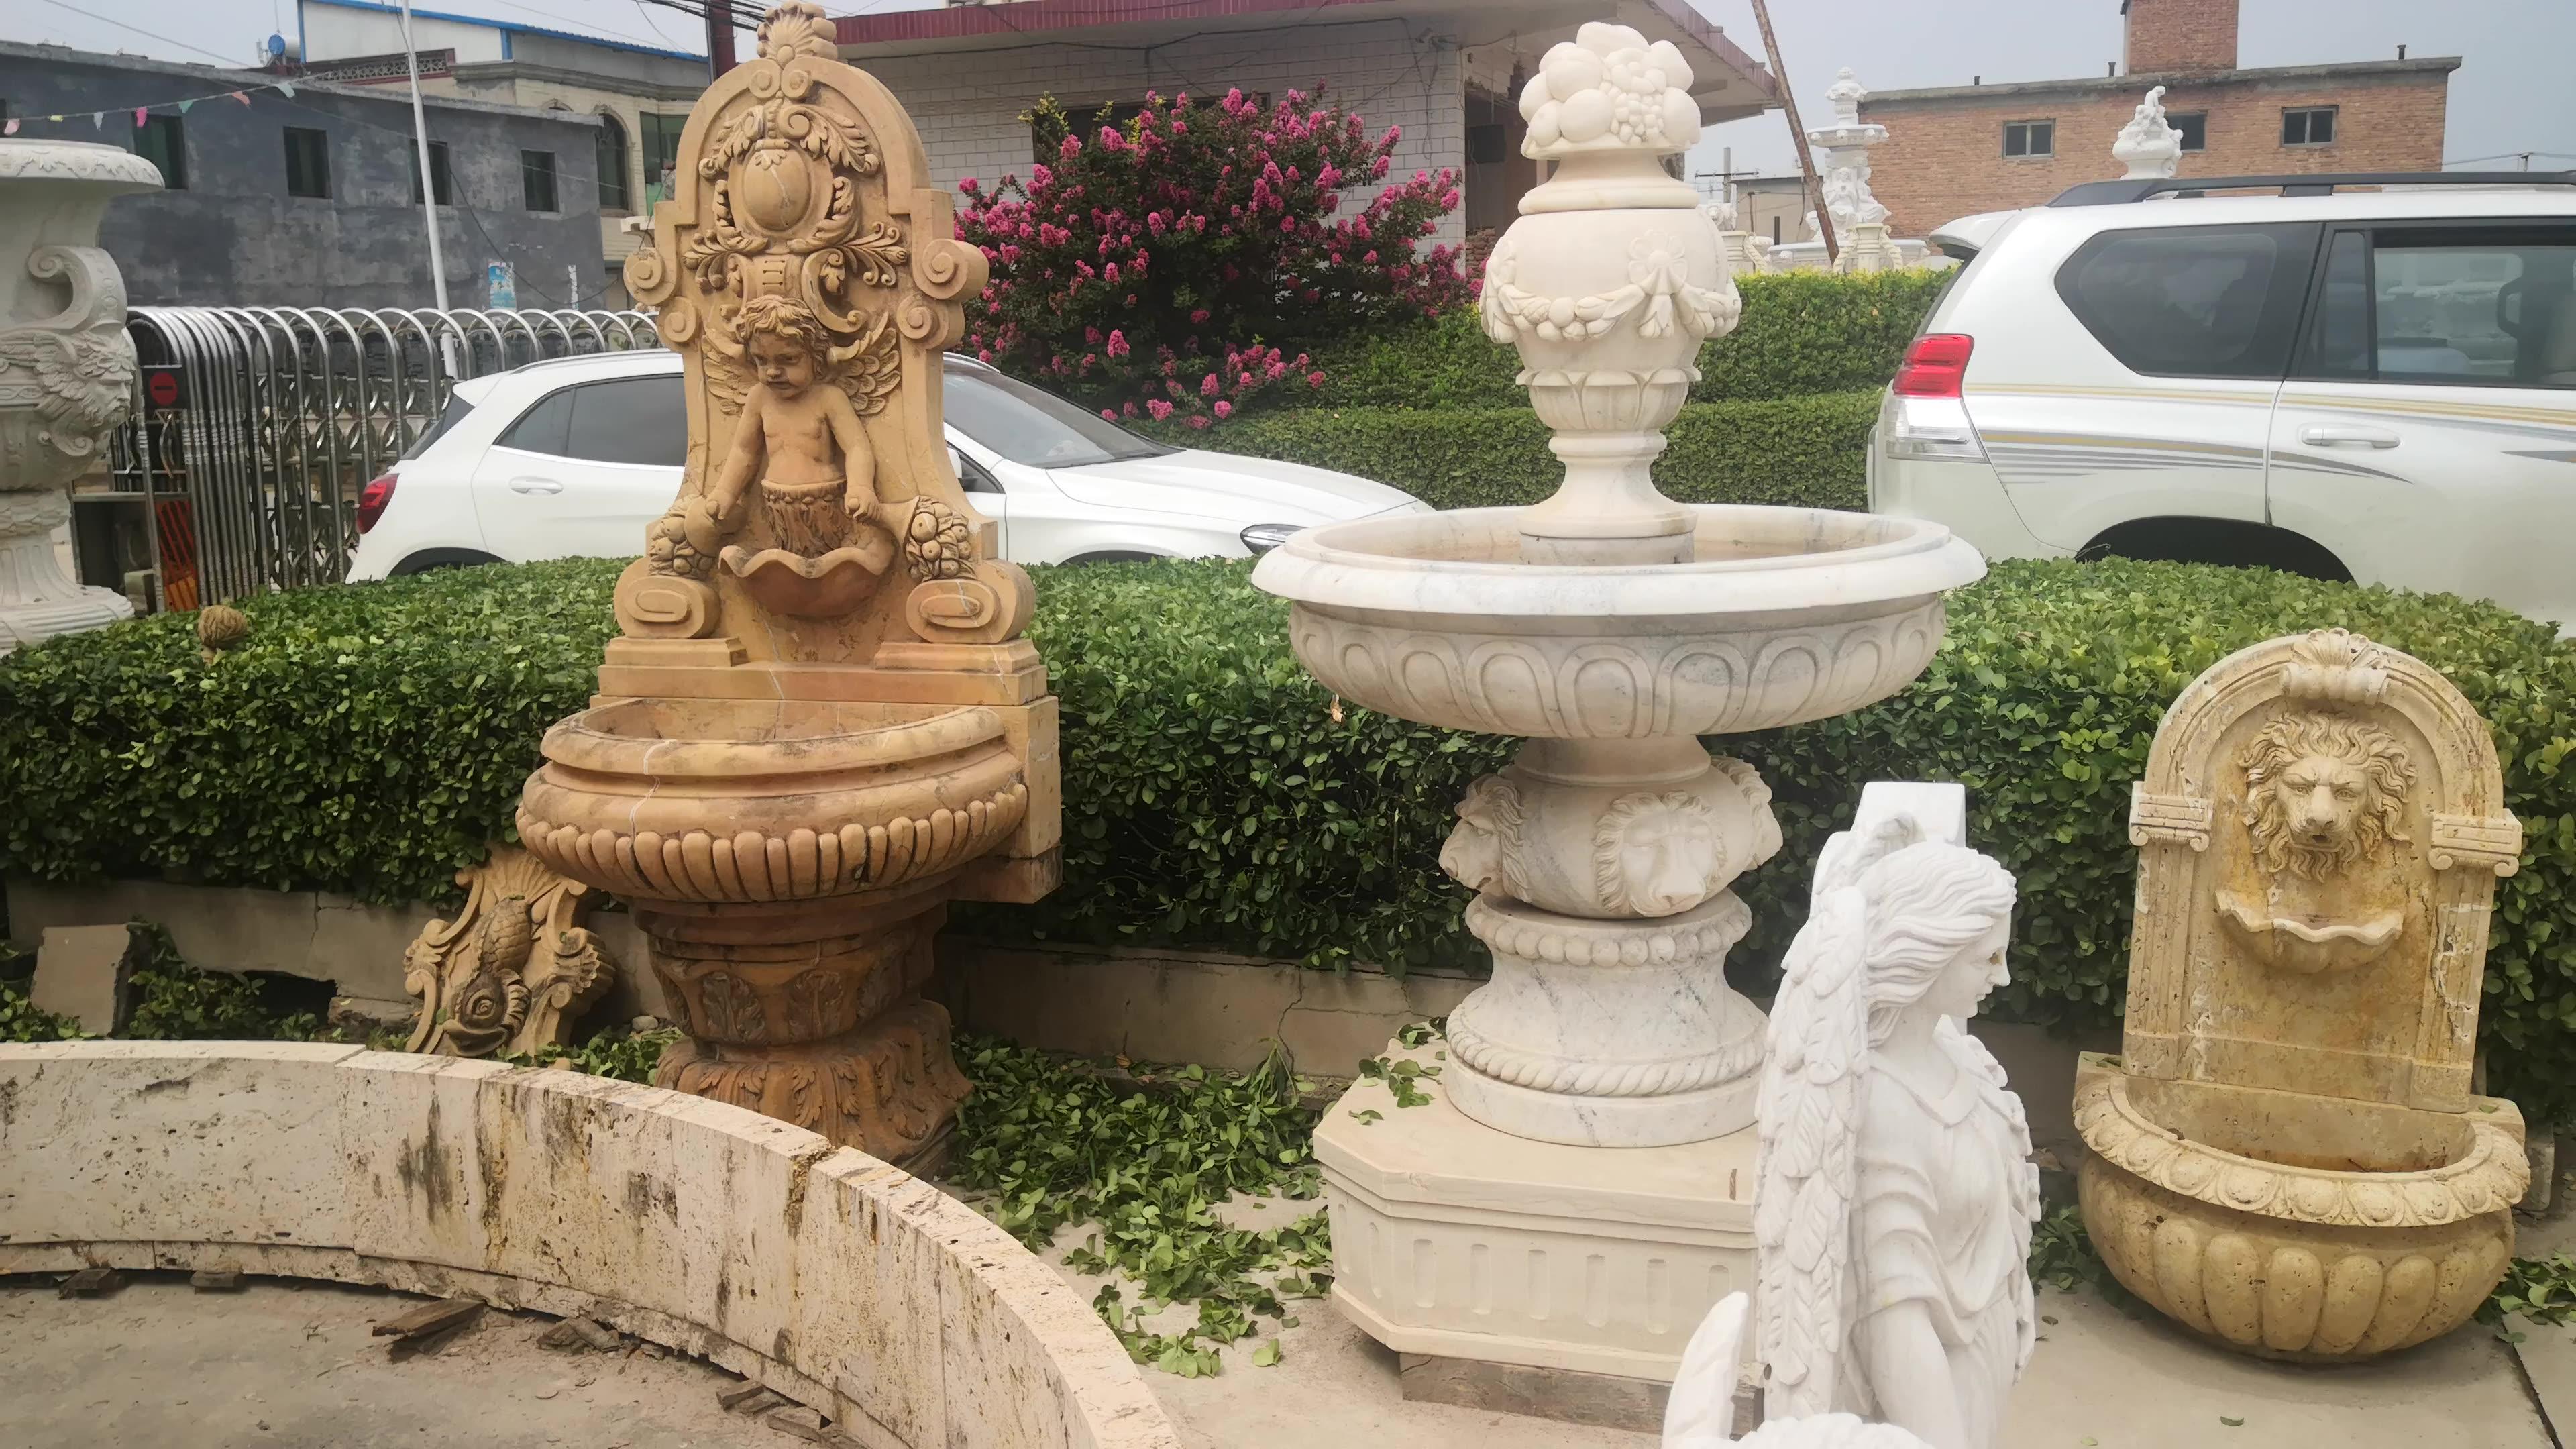 Große Außen Stein Granit Dekorative Home Garten Marmor Pool 3 Tier Wasser Brunnen